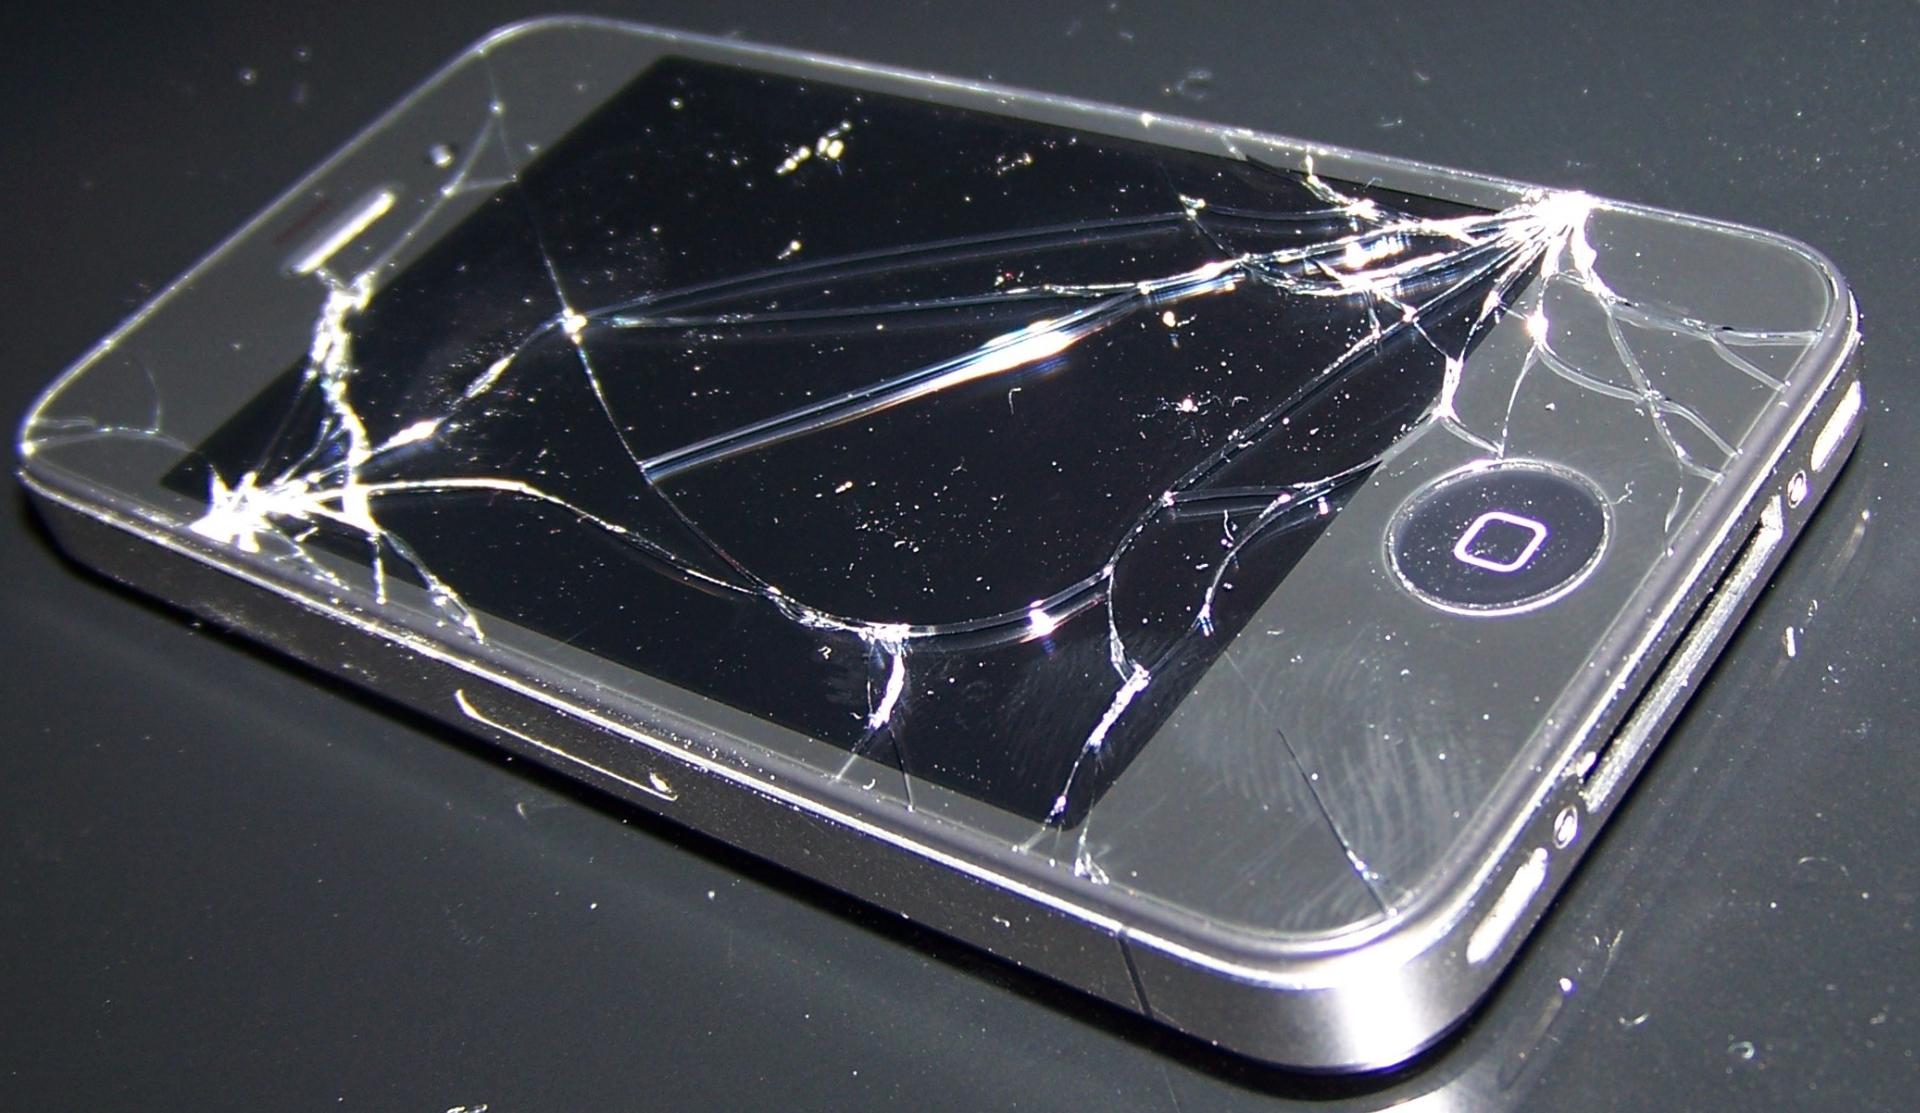 Ministério Público obriga Vivo a trocar iPhones com defeito, ou pagar multa de R$ 10 mil por dia